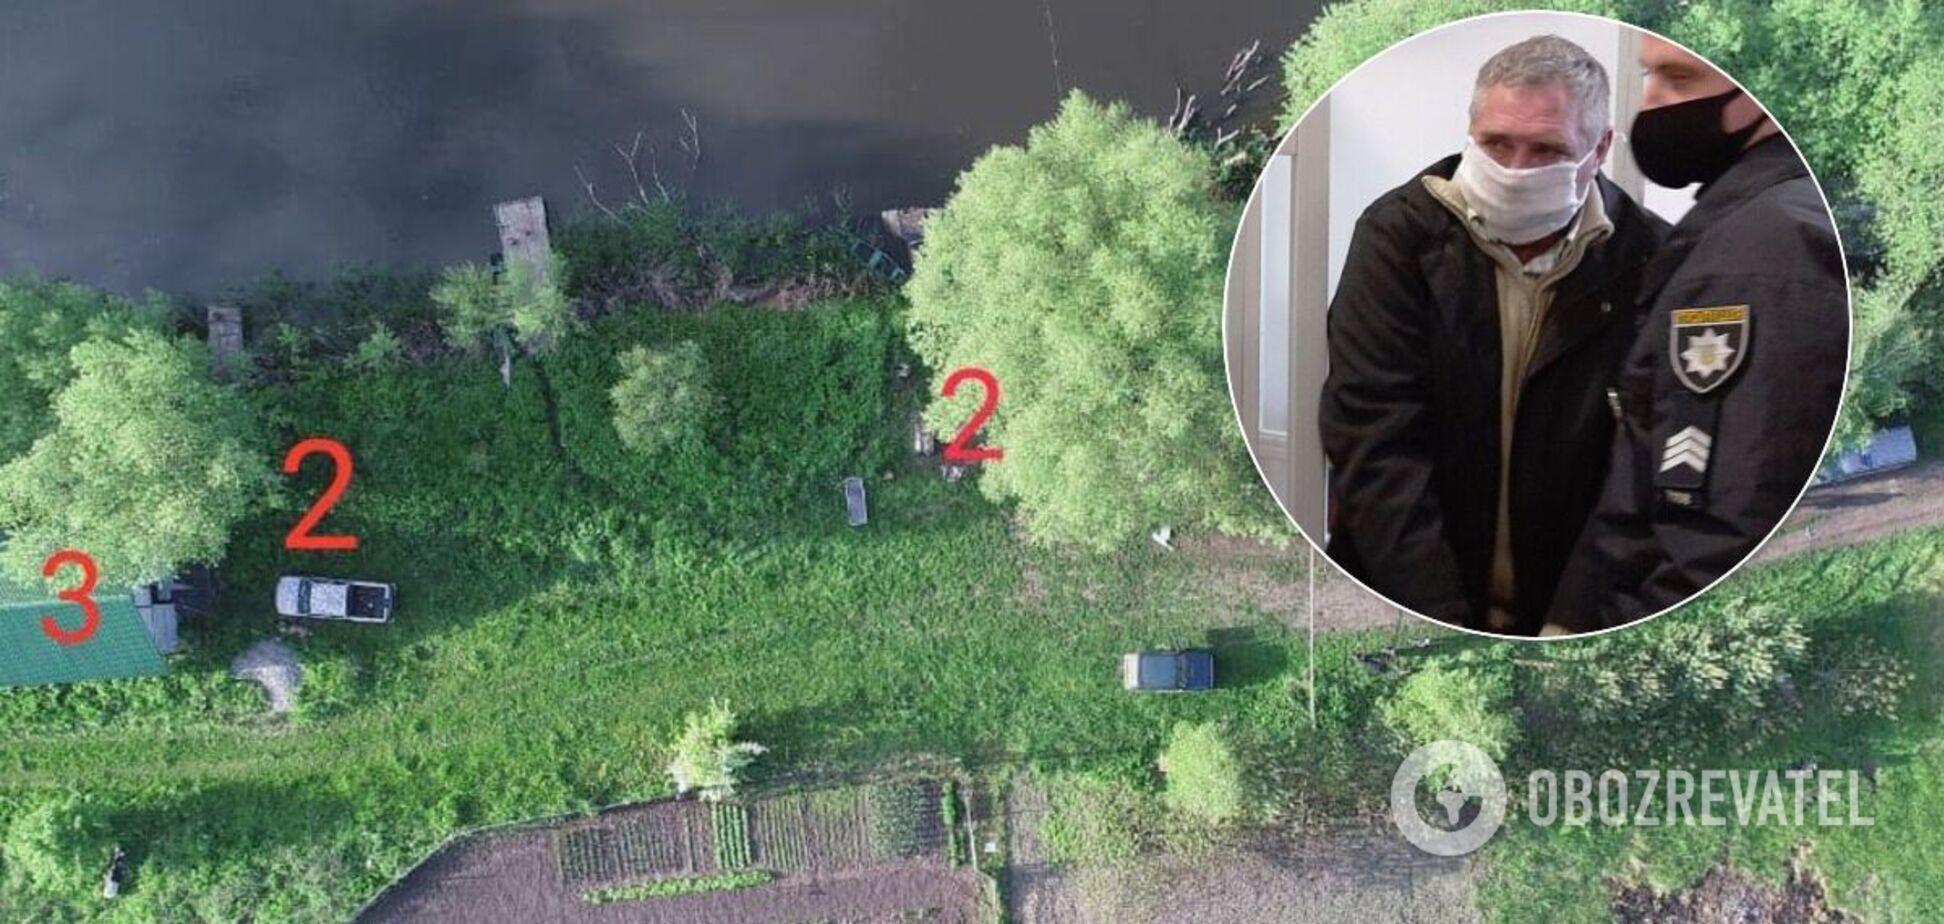 Масове вбивство на Житомирщині: потерпілі дали свідчення у справі Захаренка